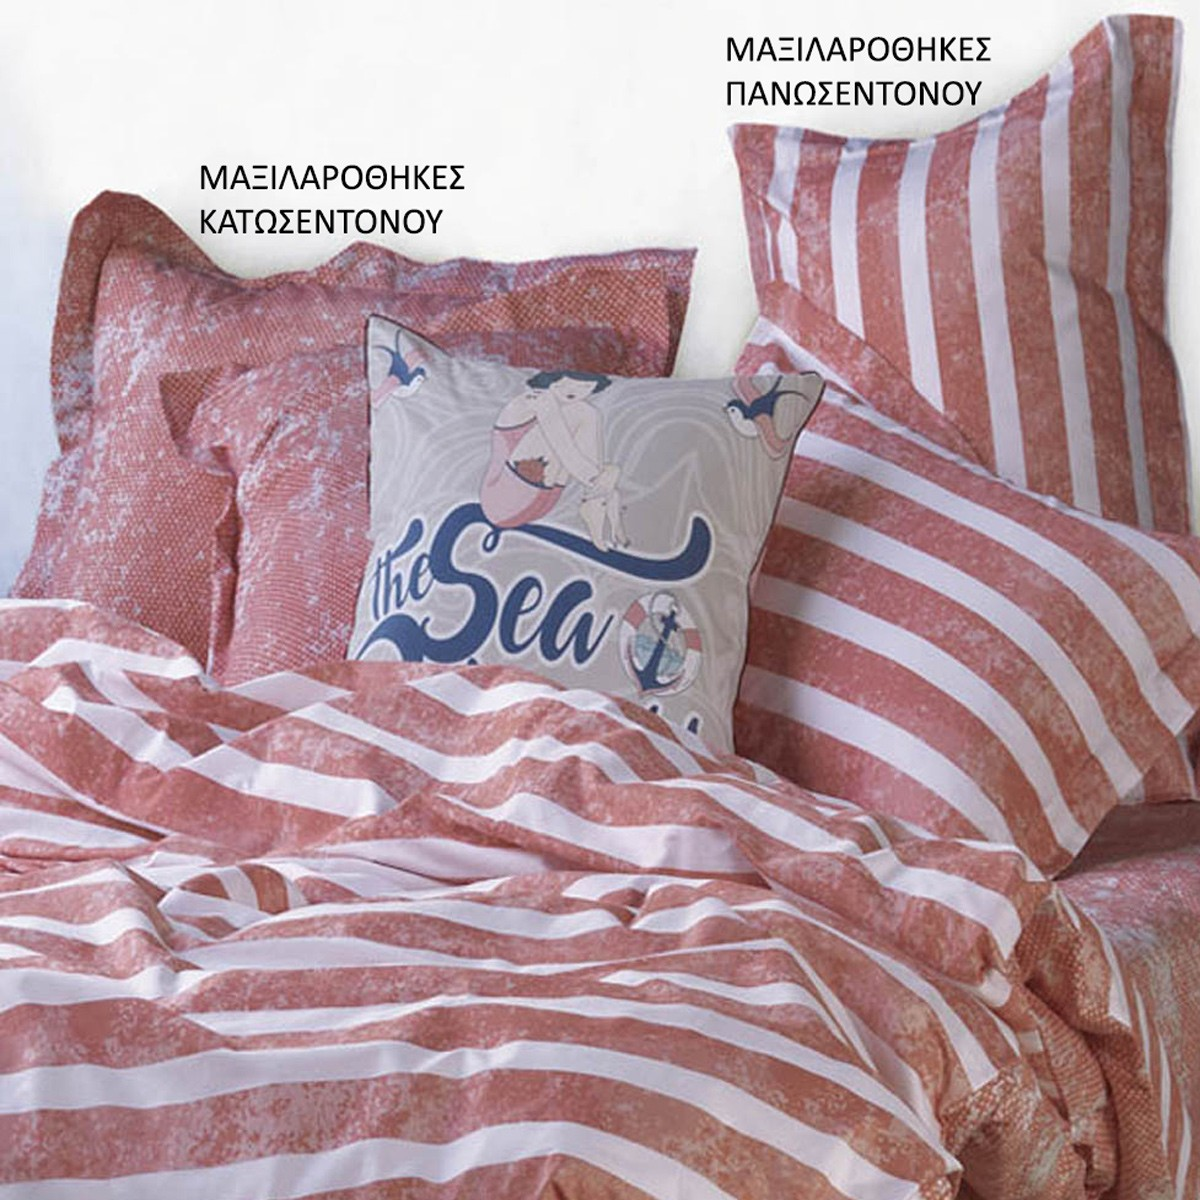 Ζεύγος Μαξιλαροθήκες Kentia Versus Santorini 18 ΜΑΞΙΛΑΡΟΘΗΚΗ ΠΑΝΩΣΕΝΤΟΝΟΥ ΜΑΞΙΛΑΡΟΘΗΚΗ ΠΑΝΩΣΕΝΤΟΝΟΥ